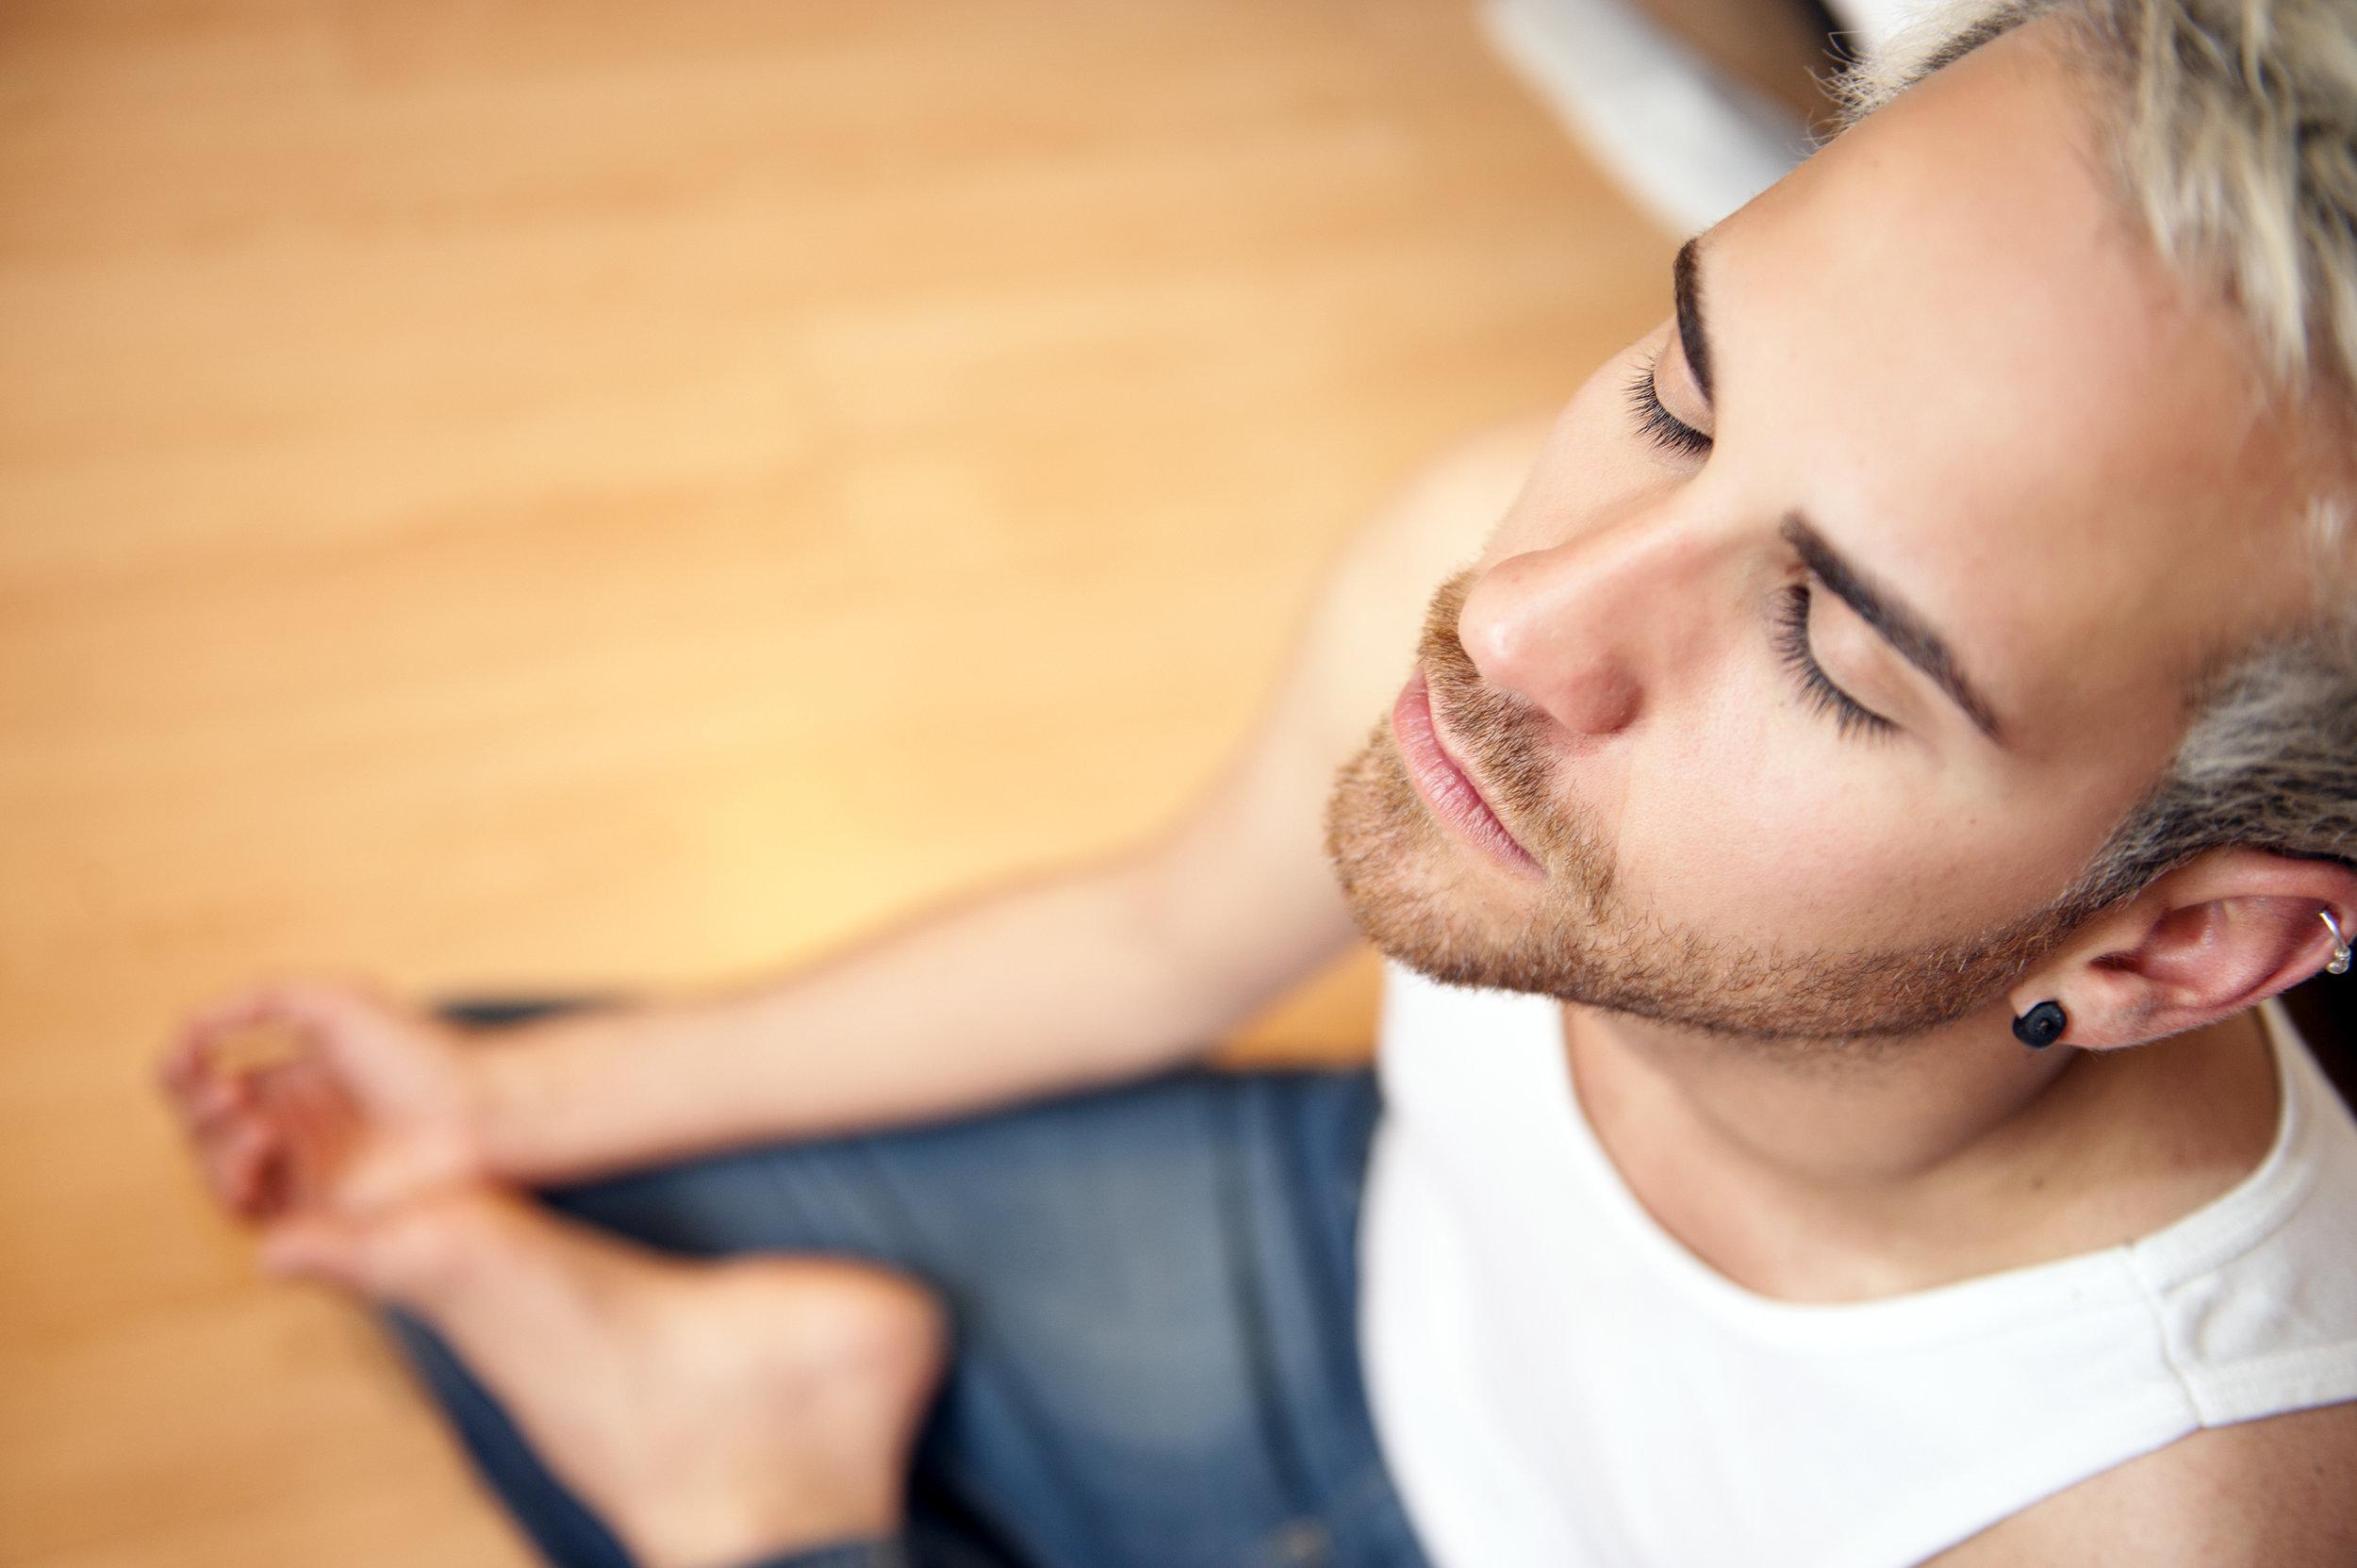 DOMINEA SUA MENTE - A Escola Eduardo Cirilo usa o DeROSE Method para o ensinar a controlar os seus pensamentos e ajudá-lo a viver de forma mais saudável, alegre e descansada.